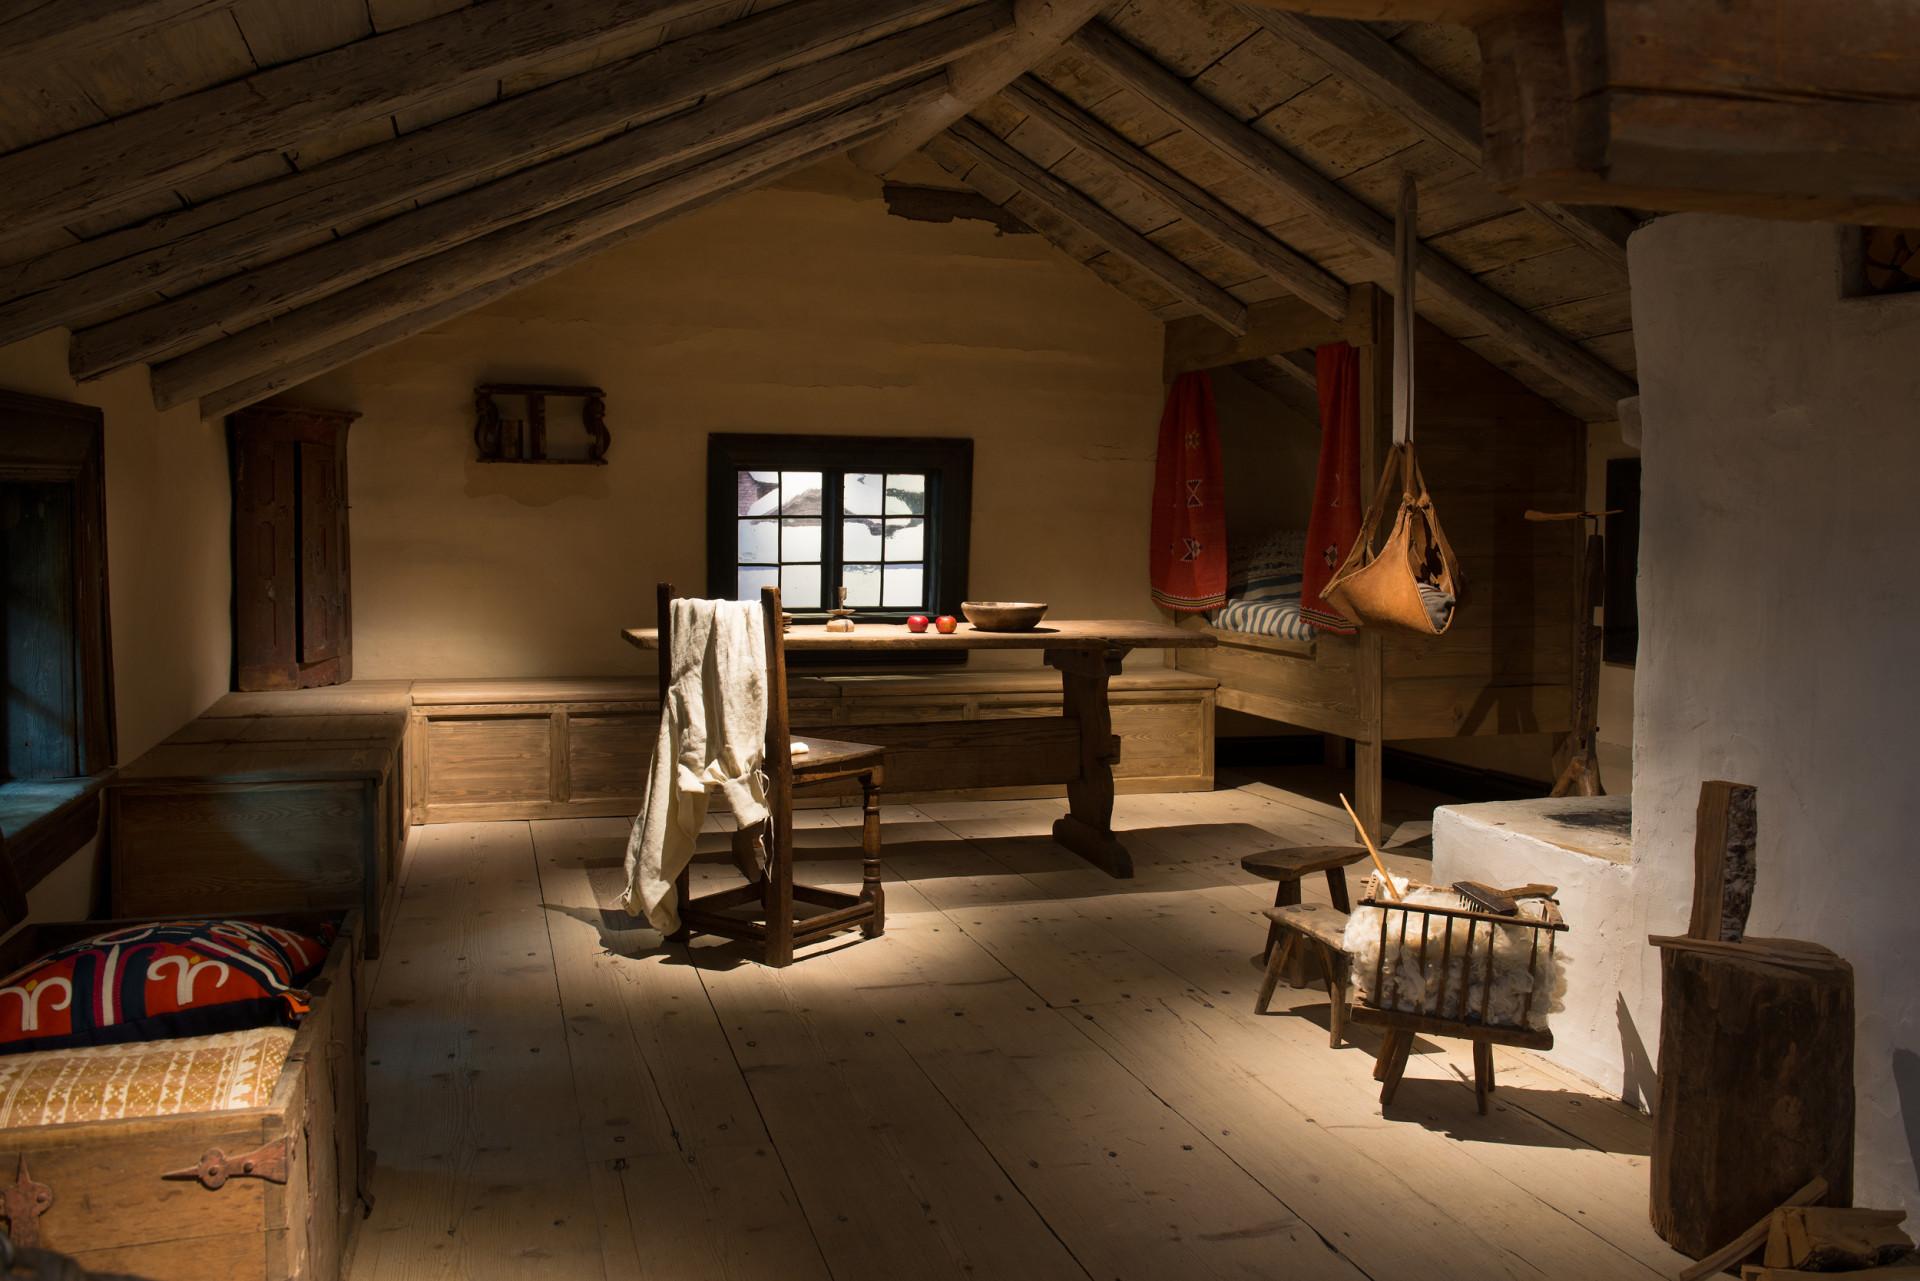 Interiör i utställningen. Foto: Peter Segemark/ Nordiska museet.